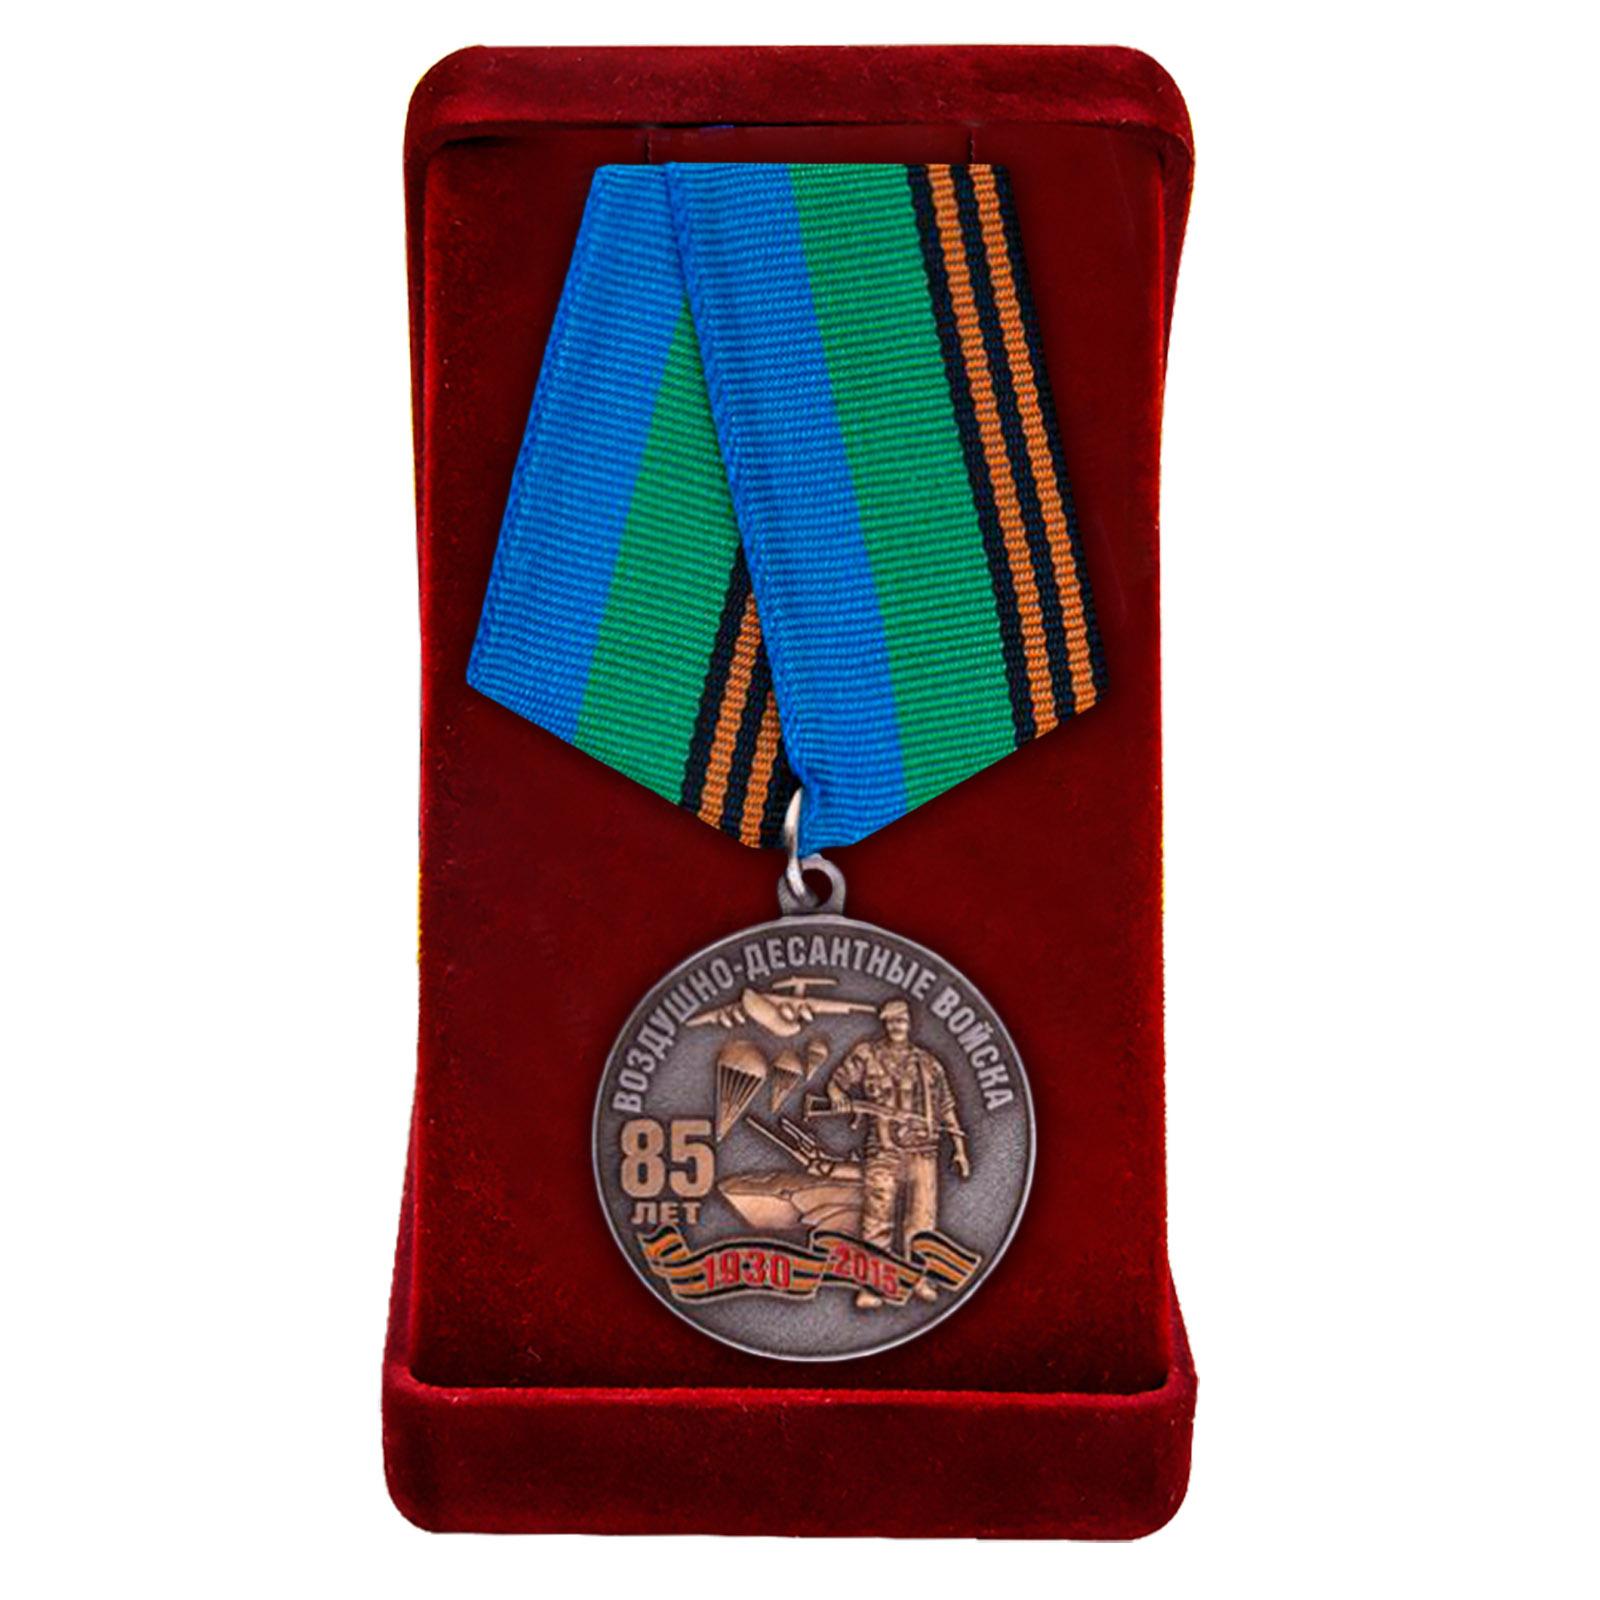 Купить юбилейную медаль 85 лет ВДВ по экономичной цене